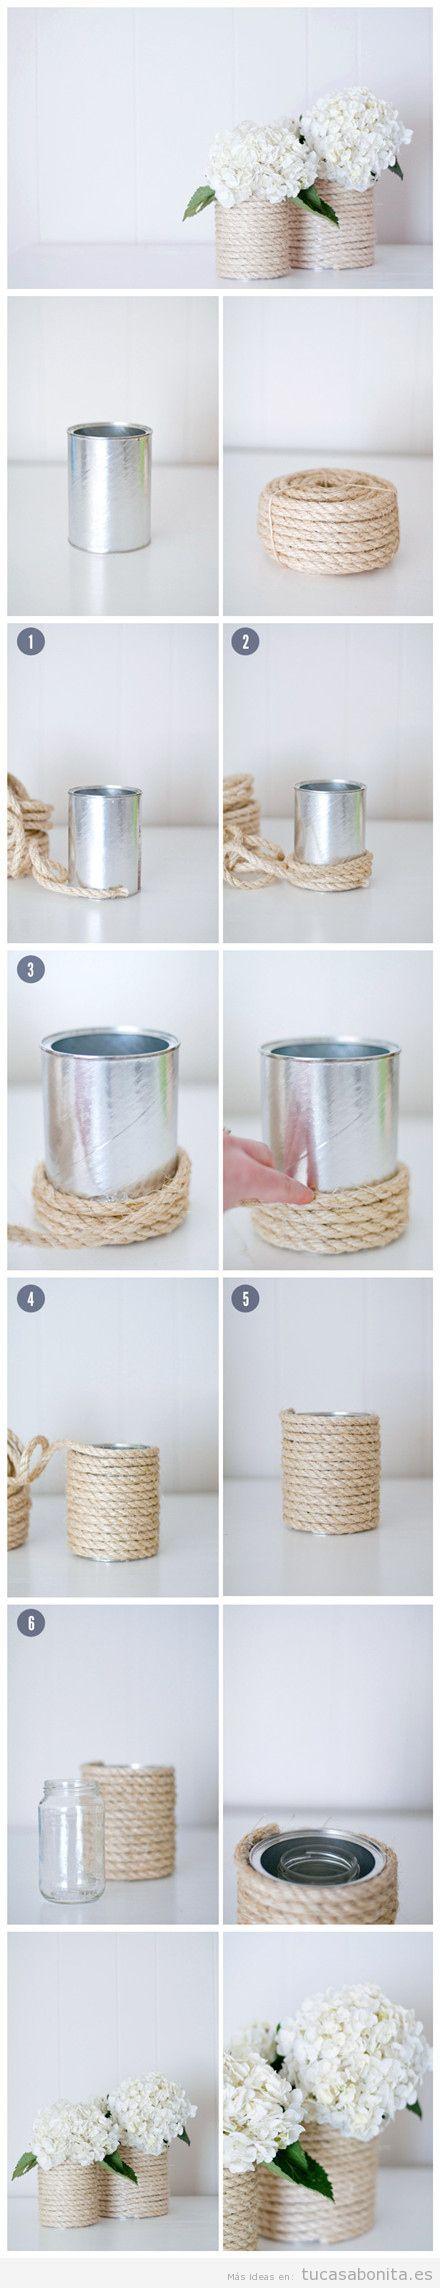 Tutorial jarrones y maceteros DIY para decorar tu casa o piso